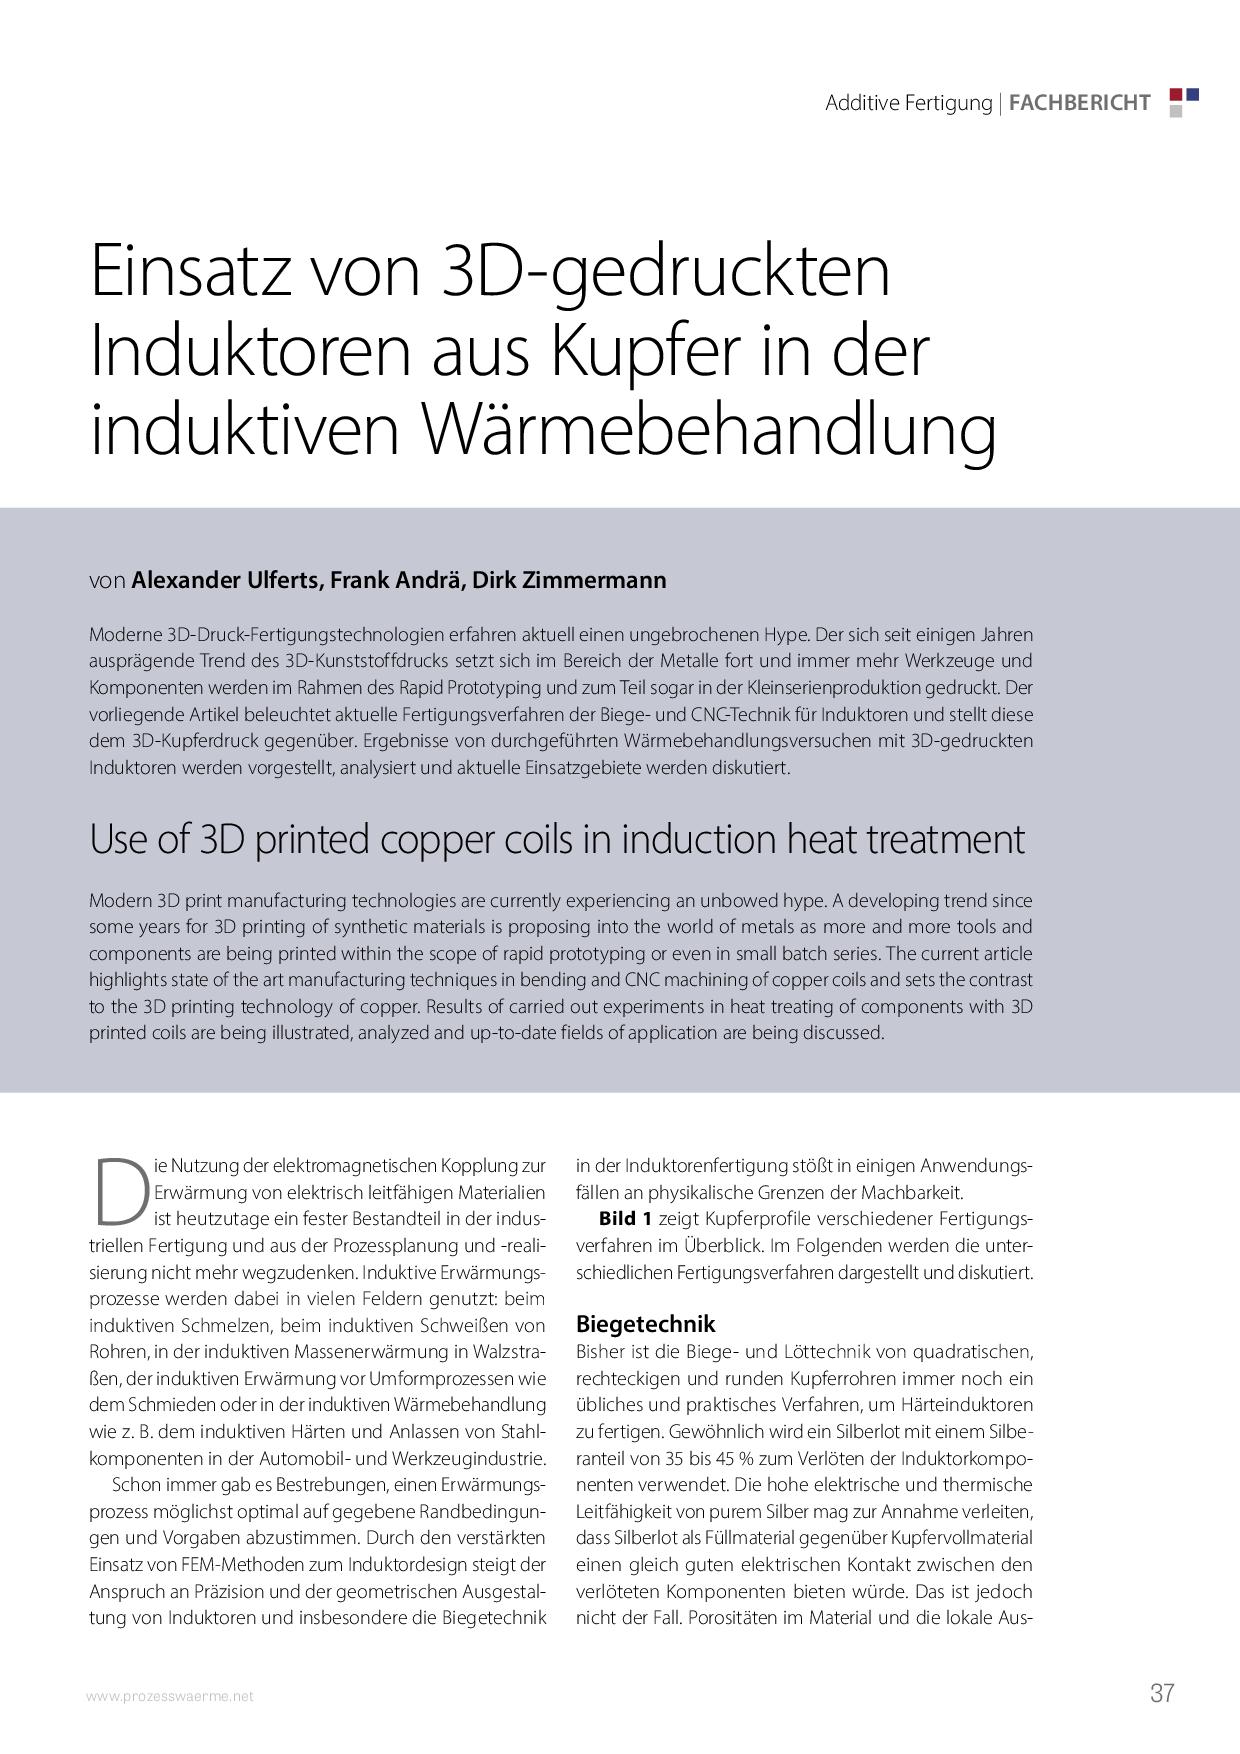 Einsatz von 3D-gedruckten Induktoren aus Kupfer in der induktiven Wärmebehandlung